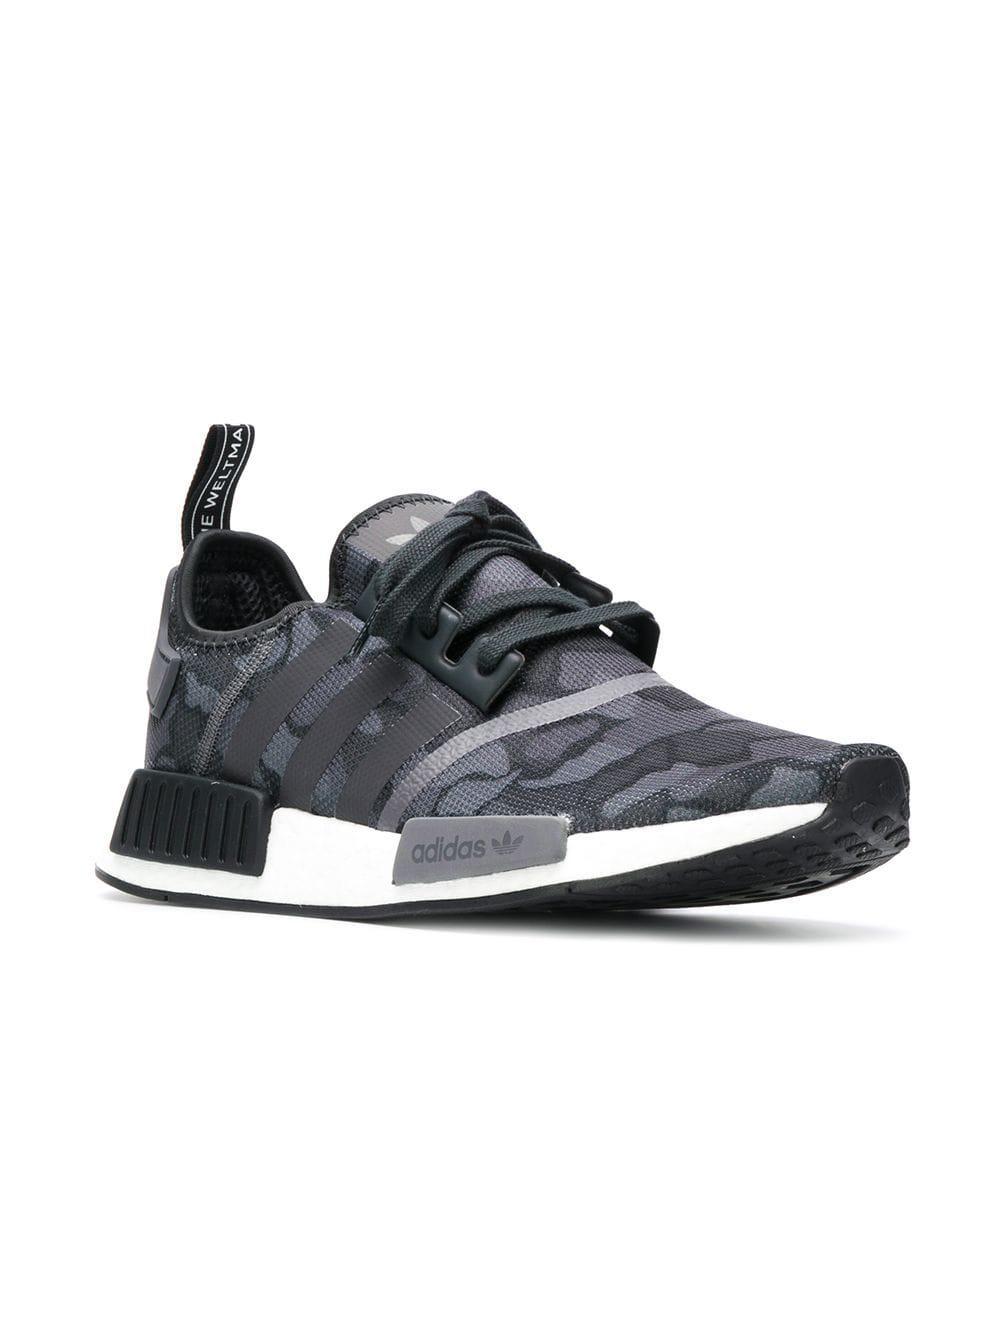 sale retailer b1ec2 3f1b4 Adidas - Gray Originals Nmd R1 Boost Sneakers for Men - Lyst. View  fullscreen